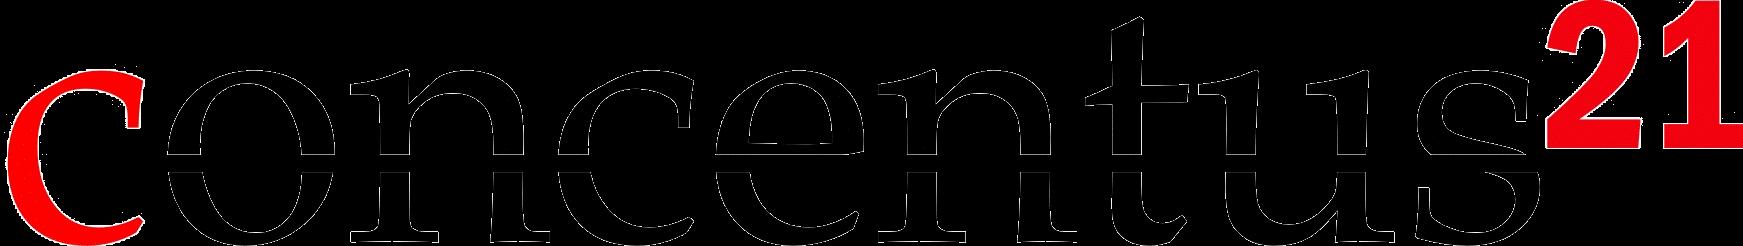 Orchesterverein Concentus21 – ein Amateurorchester sucht MitspielerInnen